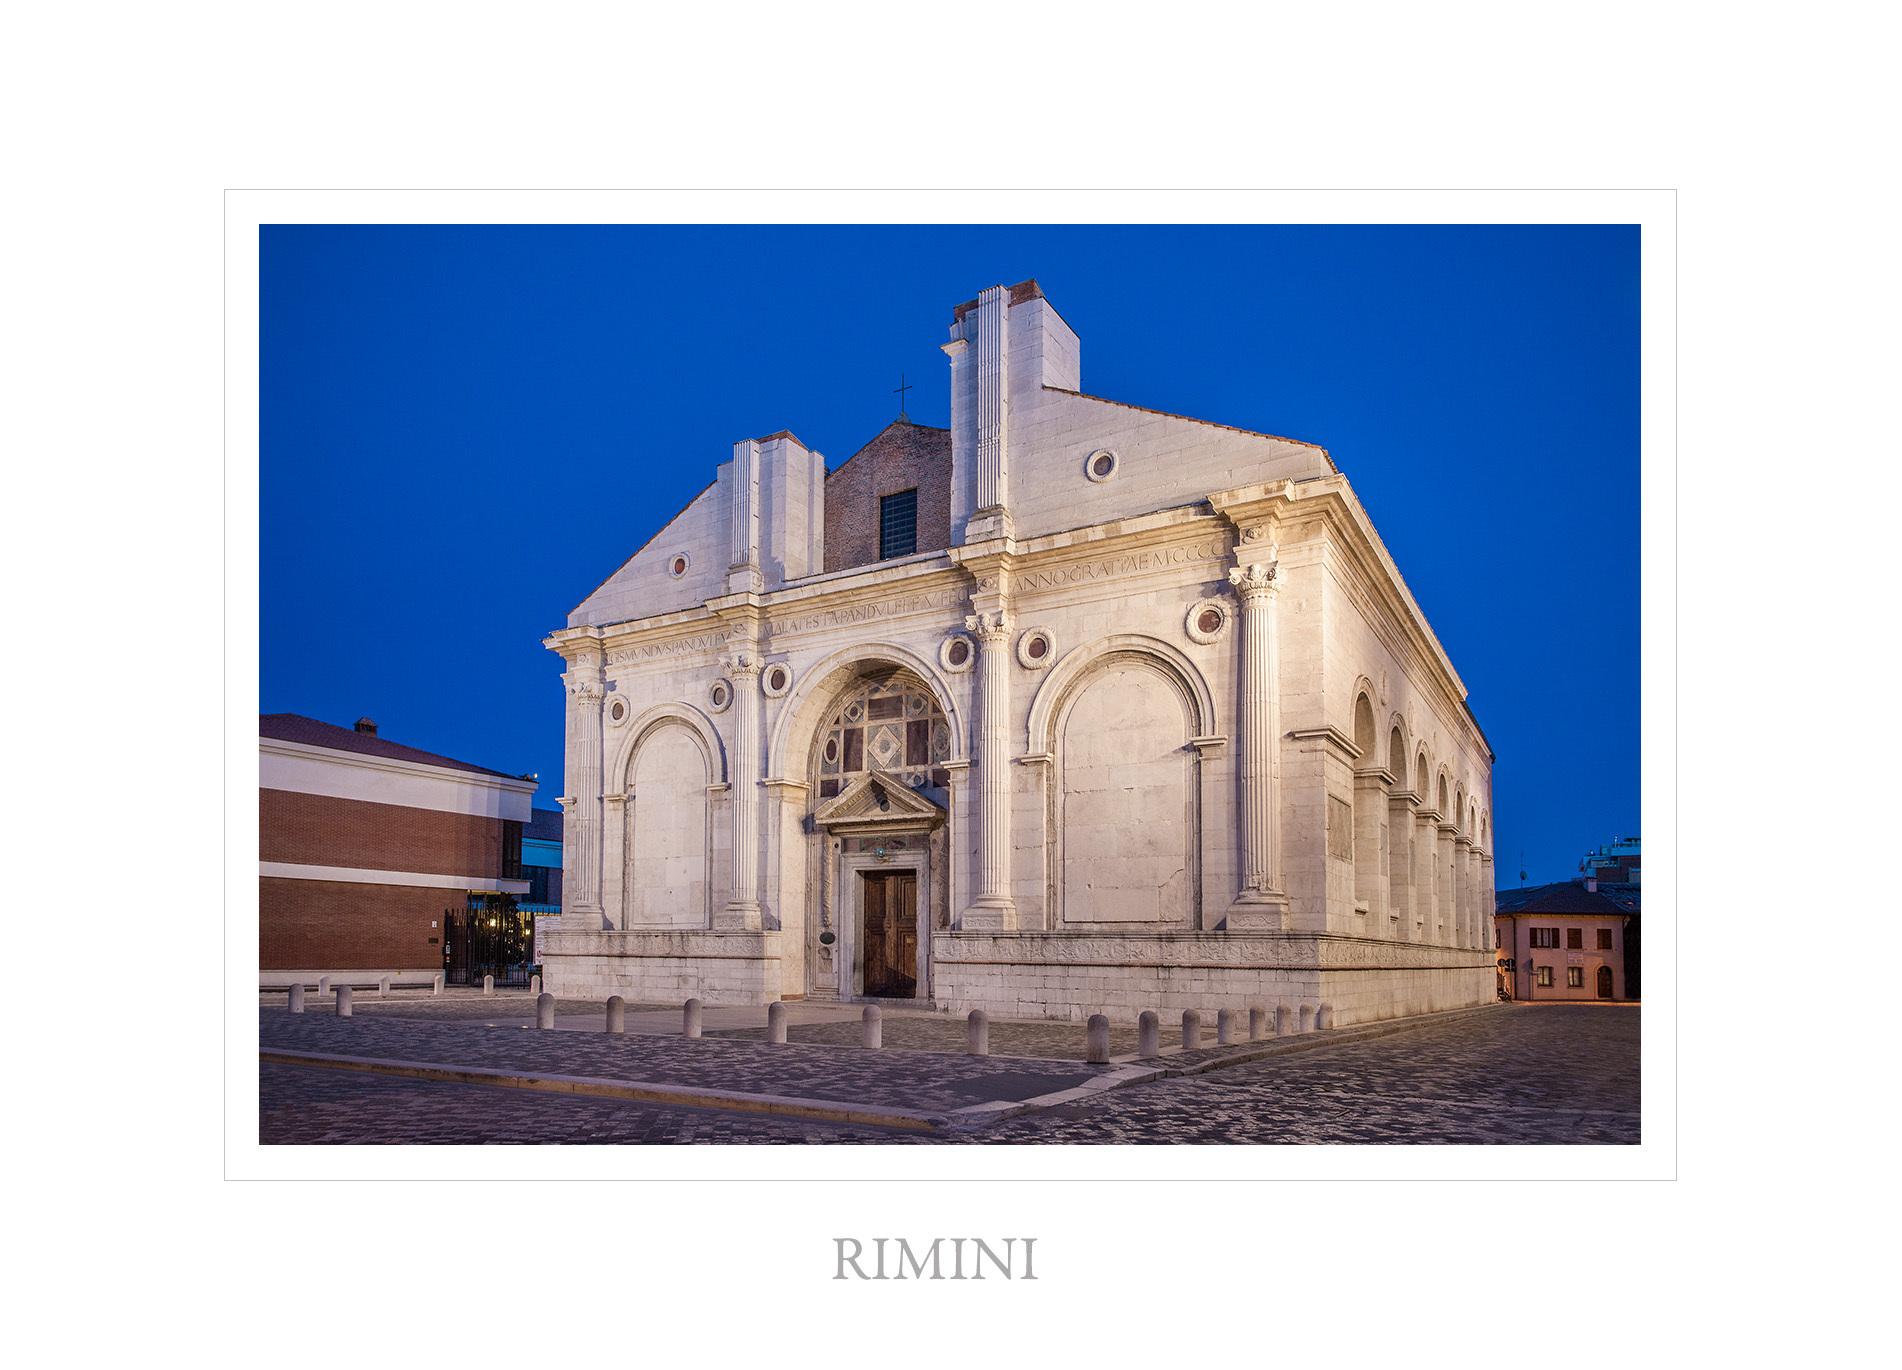 Tempio Malatestiano di Rimini: nuovo saggio di Pier Giorgio Pasini